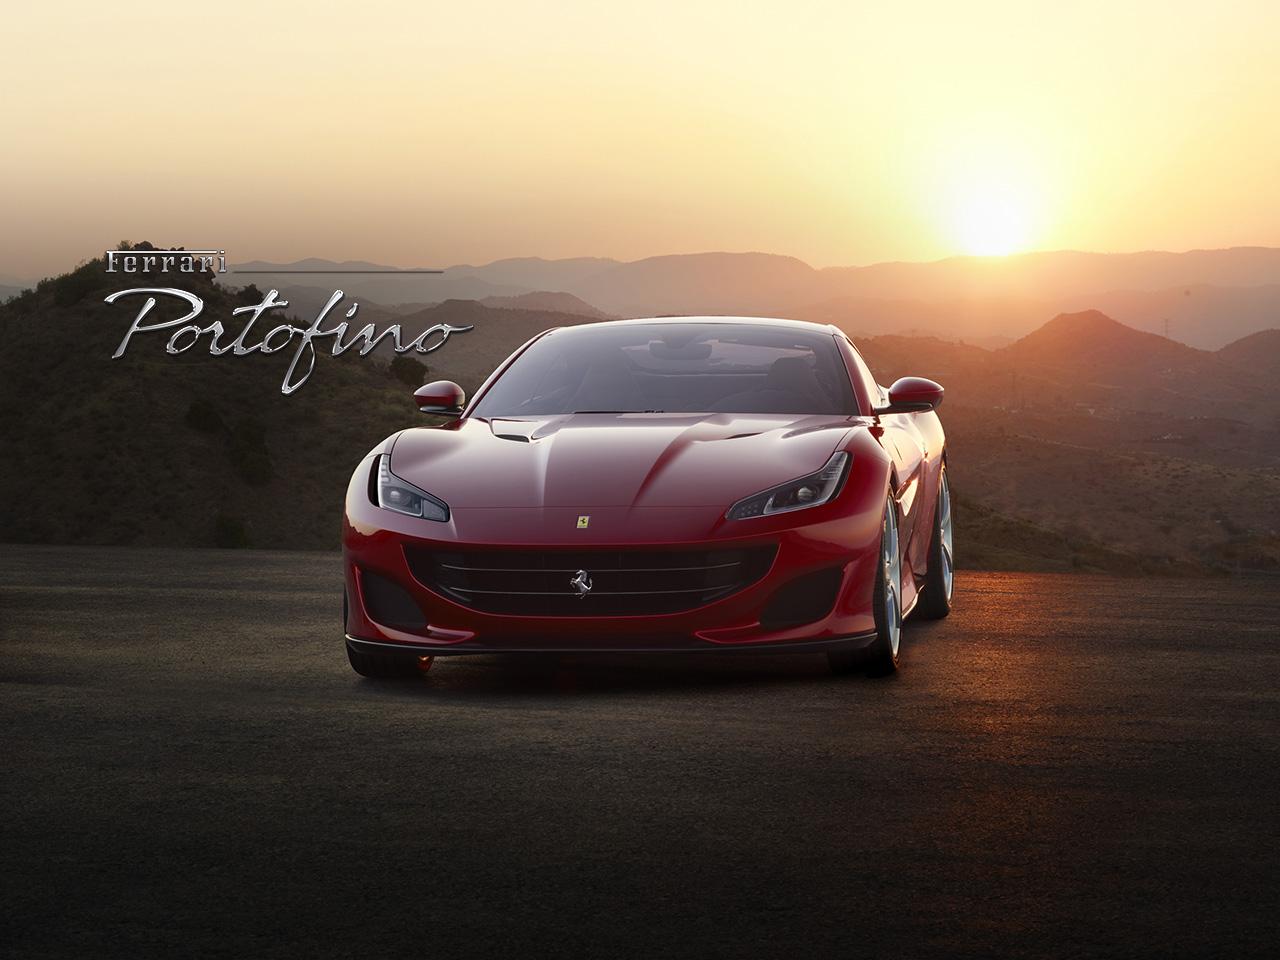 Ferrari >> Official Ferrari Website